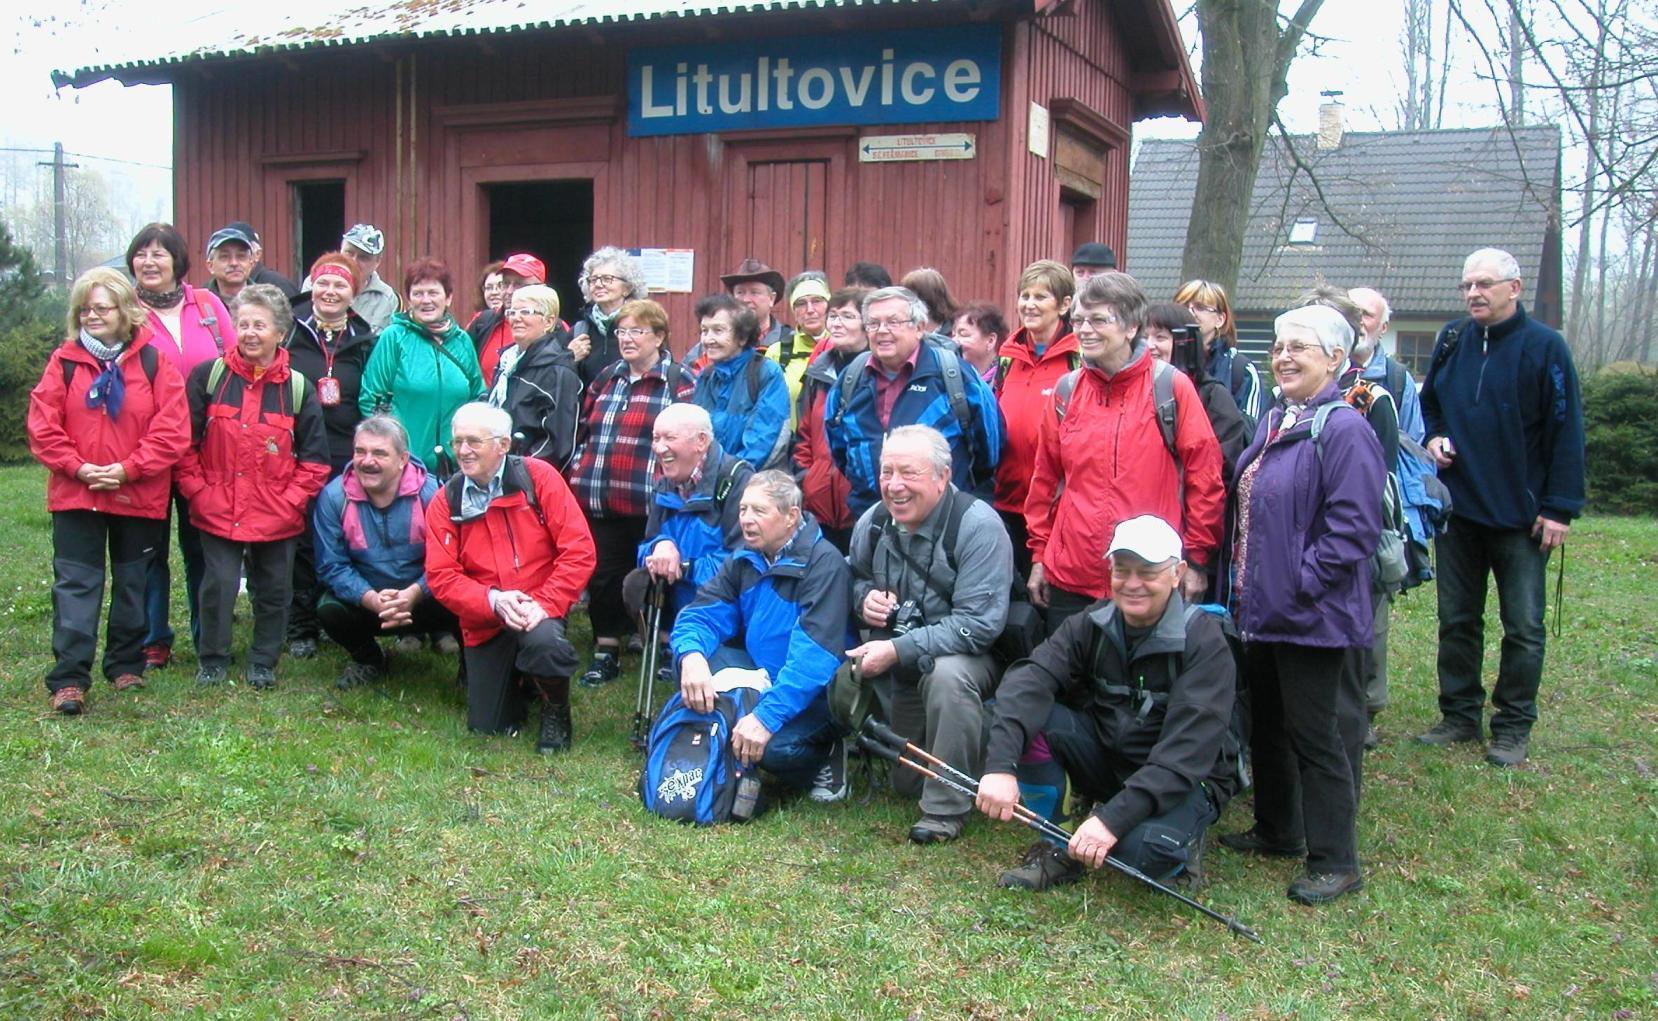 litultovice_kruzberg_0